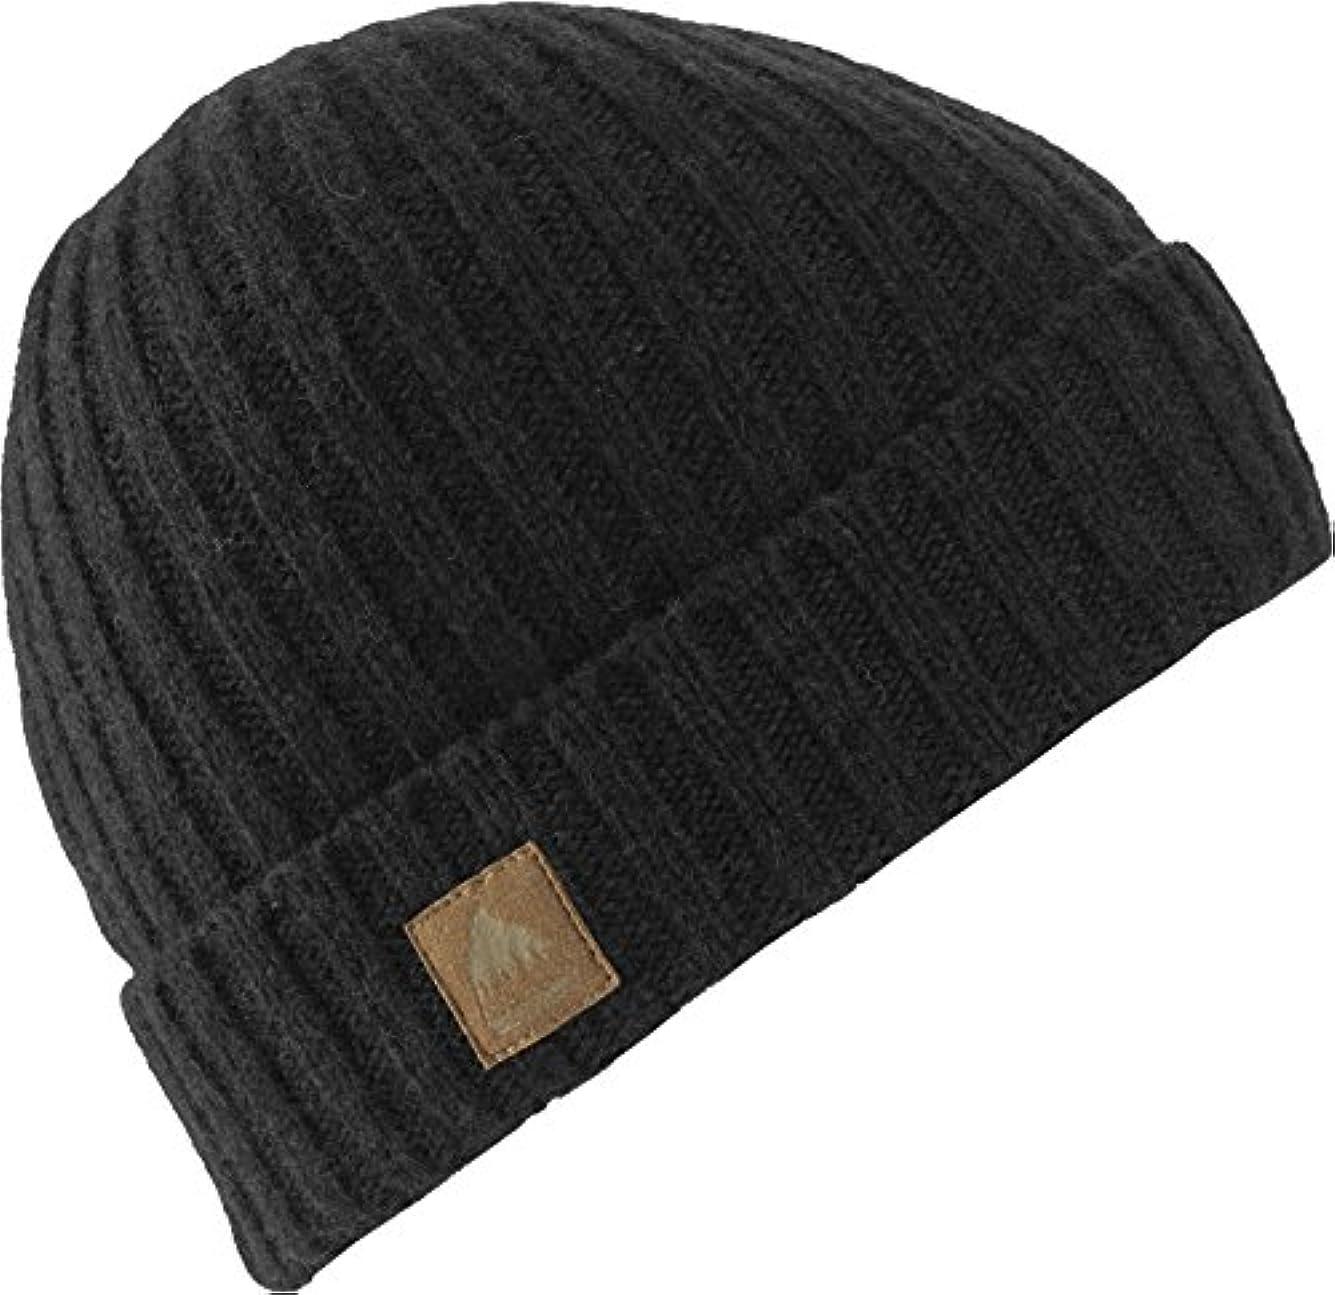 不完全写真を撮るやめるBurton(バートン) スノーボード ニット帽 ビーニー ニットキャップ TAFT BEANIE 1SZ FITALL104581